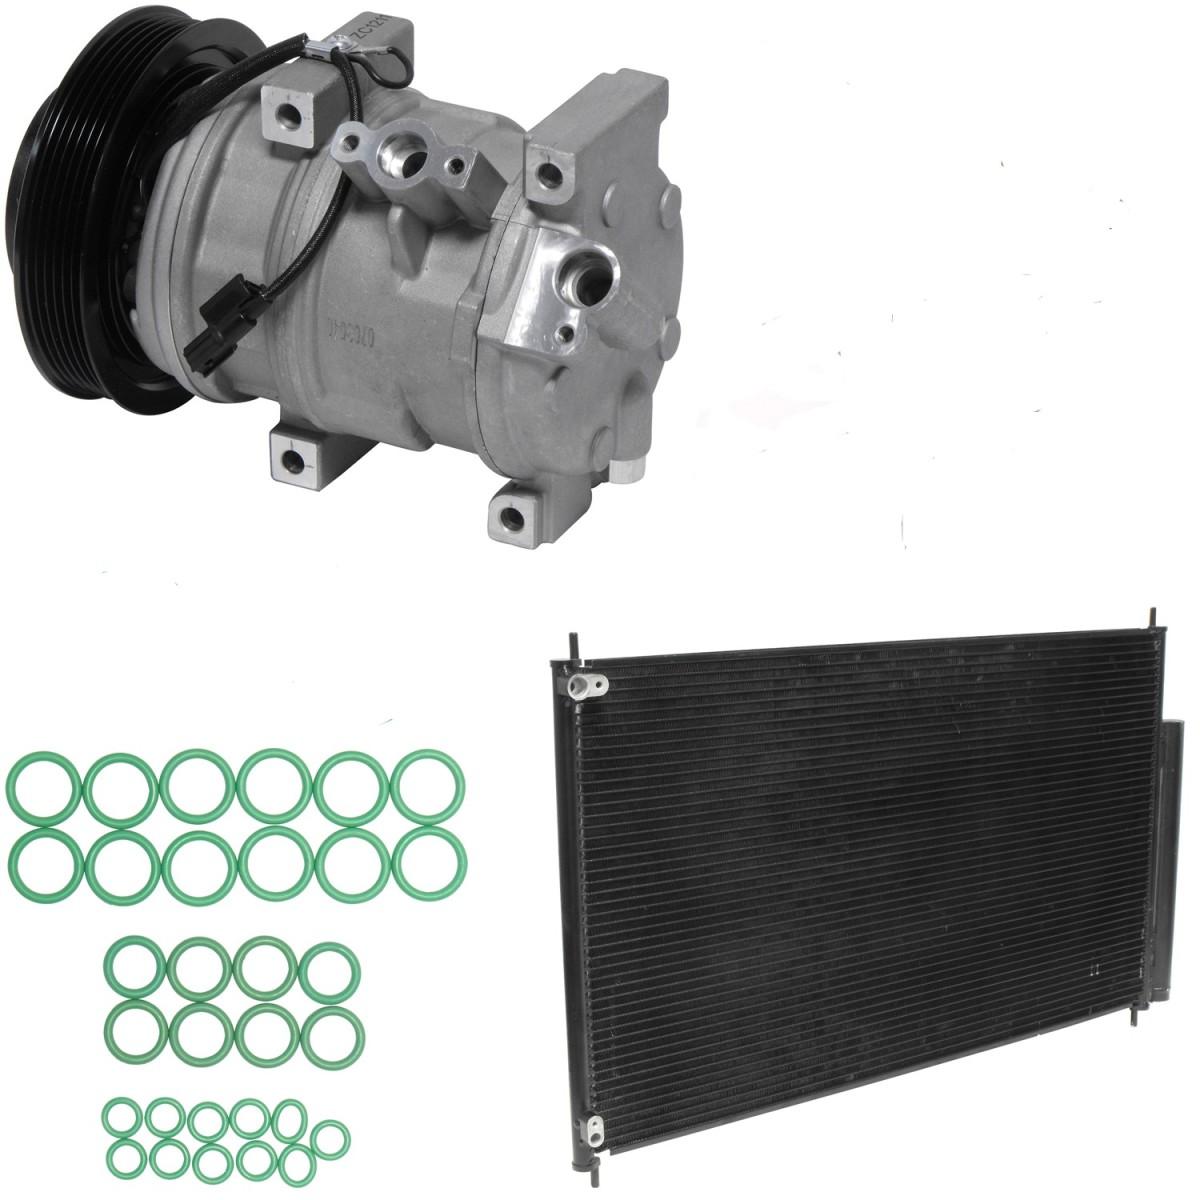 Honda Pilot AC Compressor and Condenser